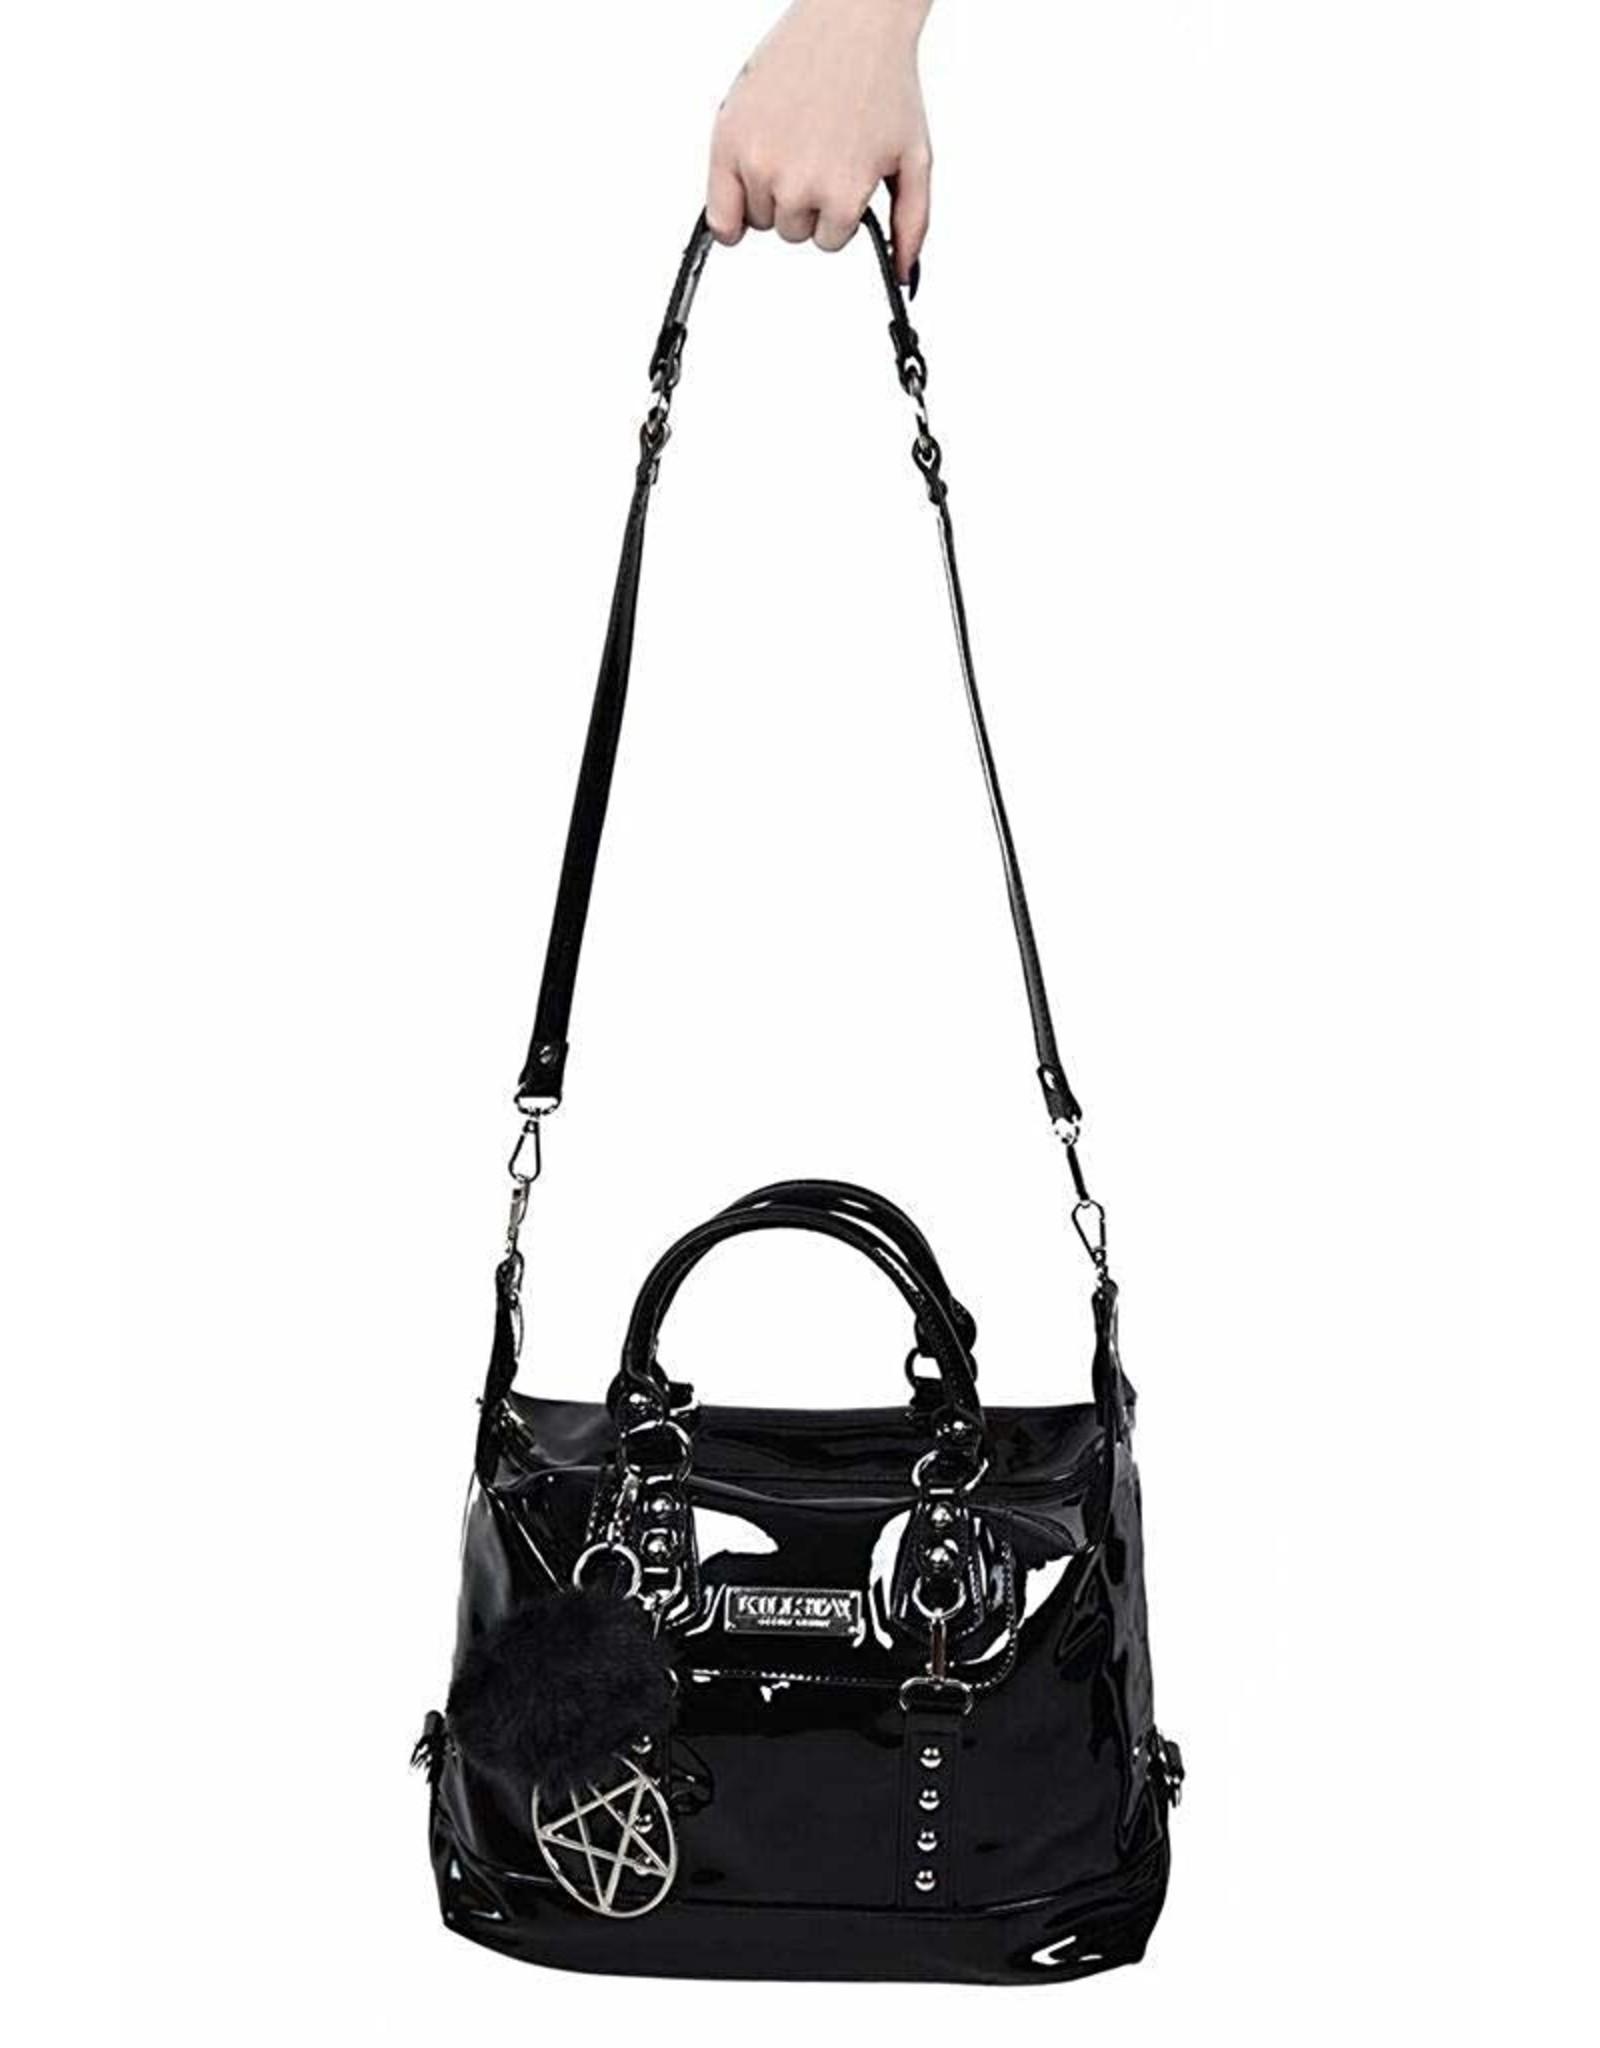 KILLSTAR - Jessie Handbag